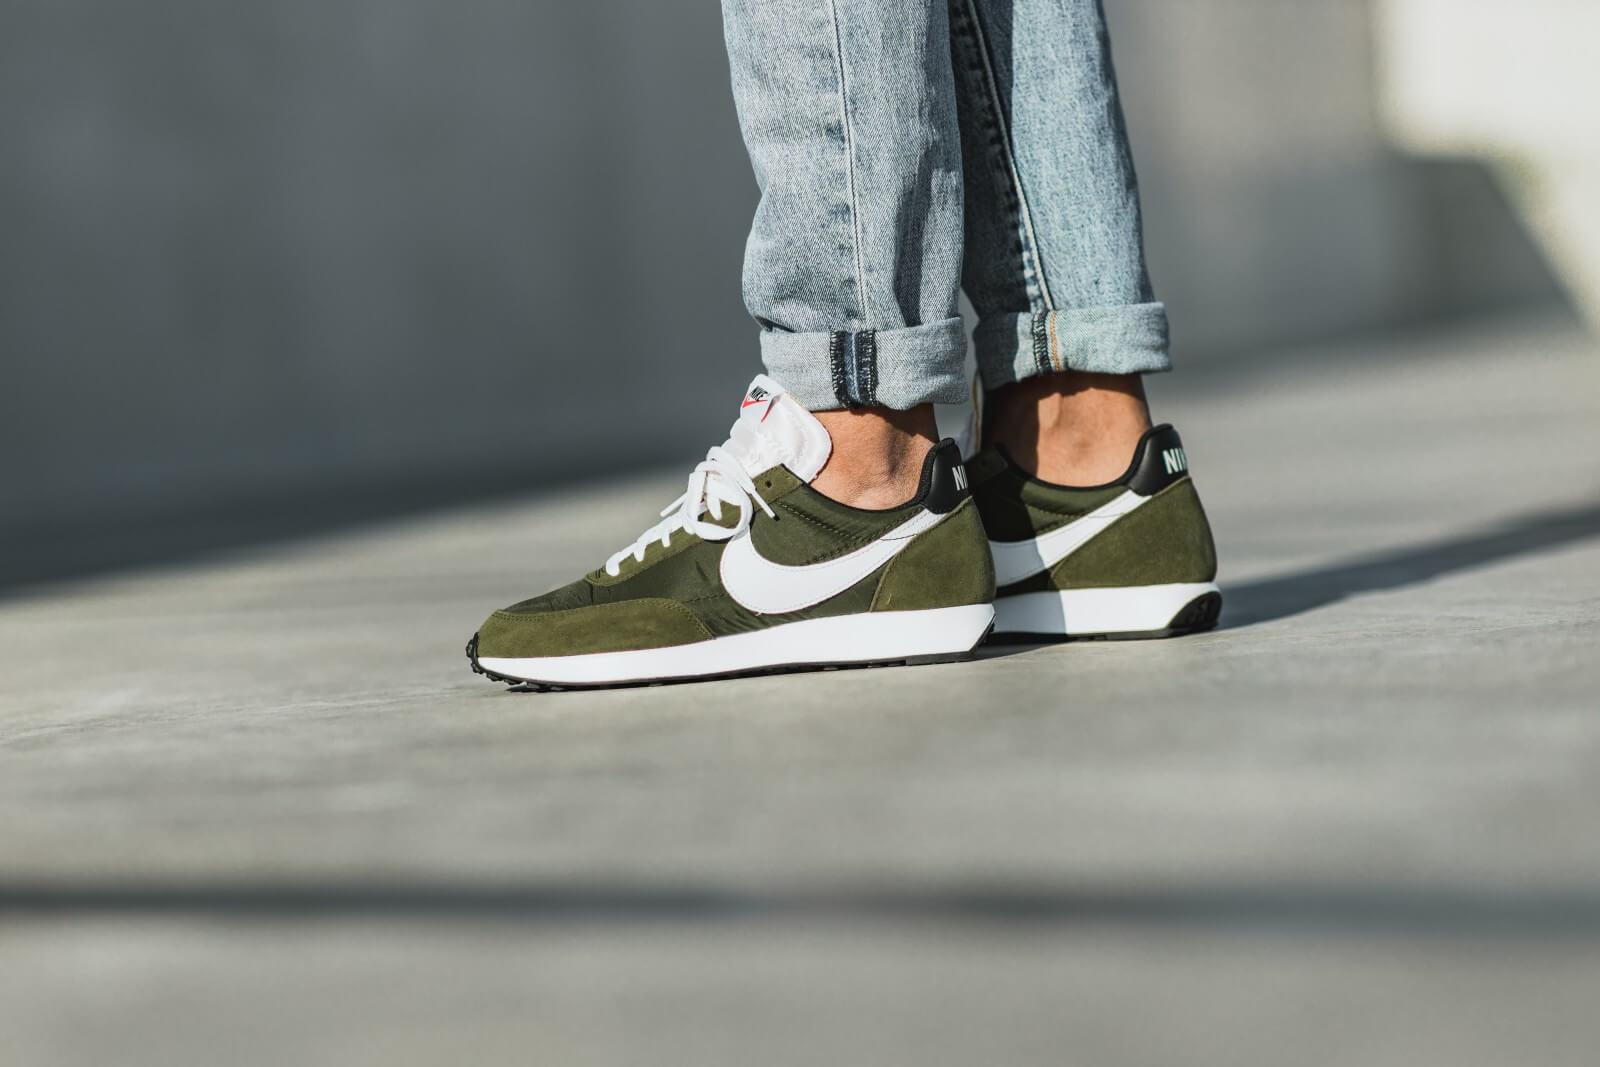 Nike Air Tailwind 79 'Black' | More Sneakers